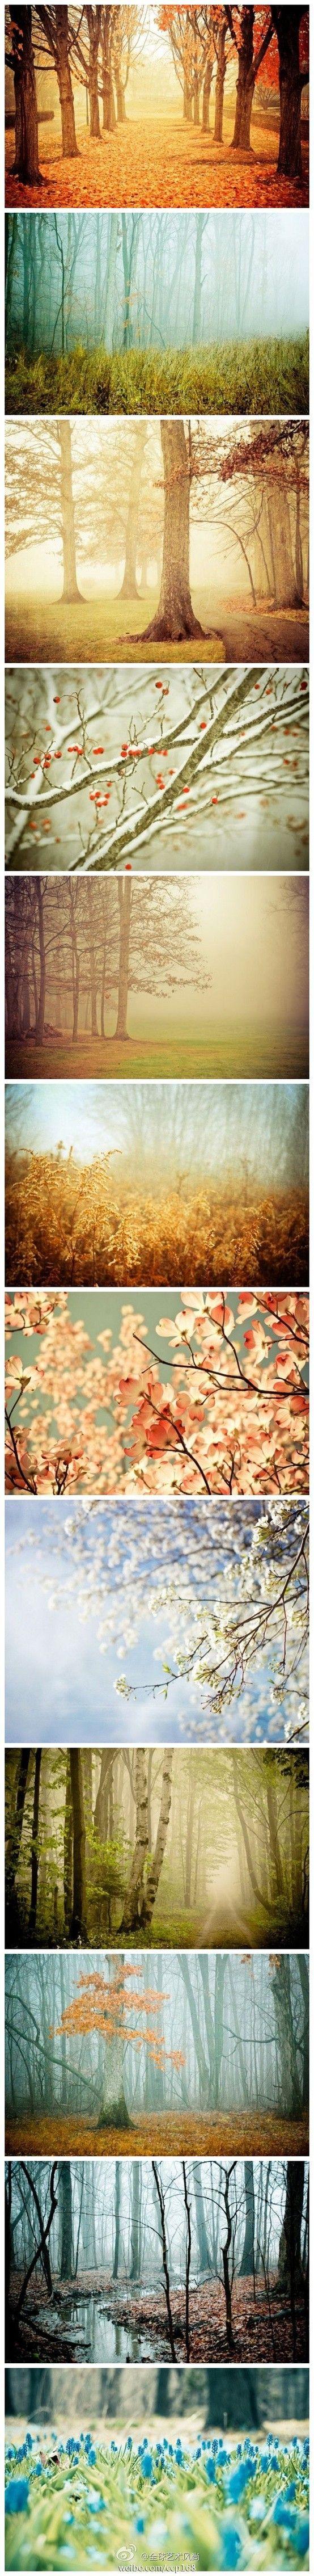 :) natural beauty